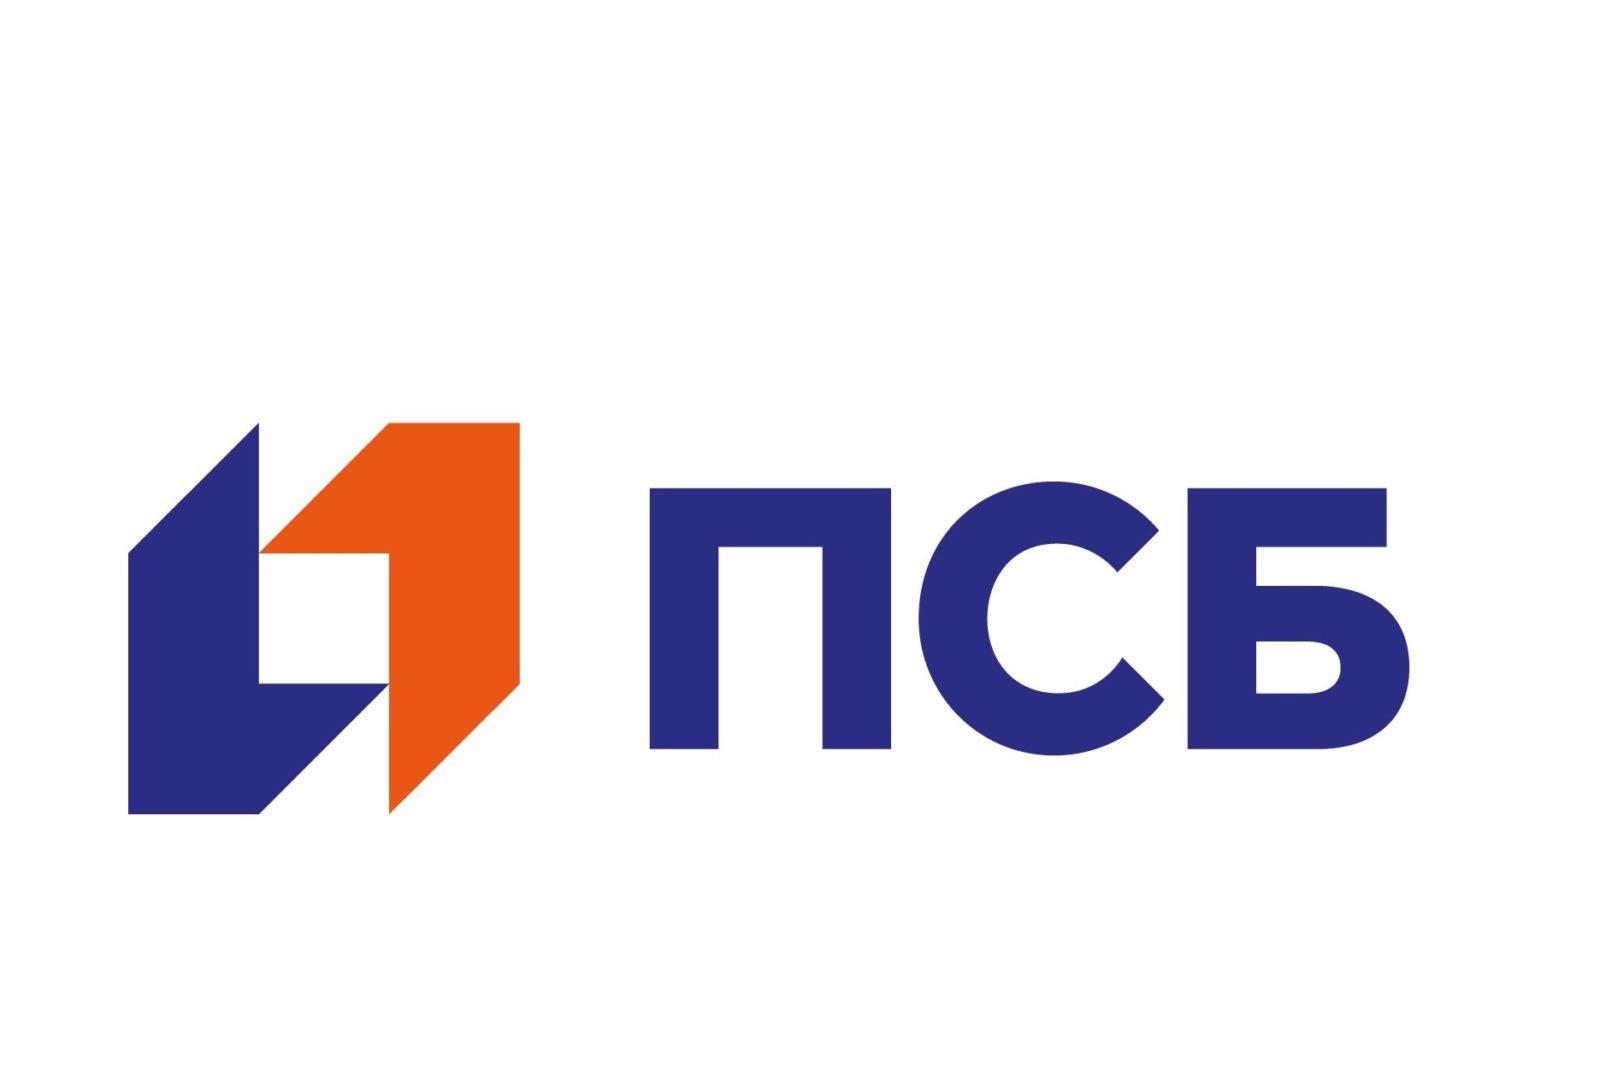 promsvjazbank